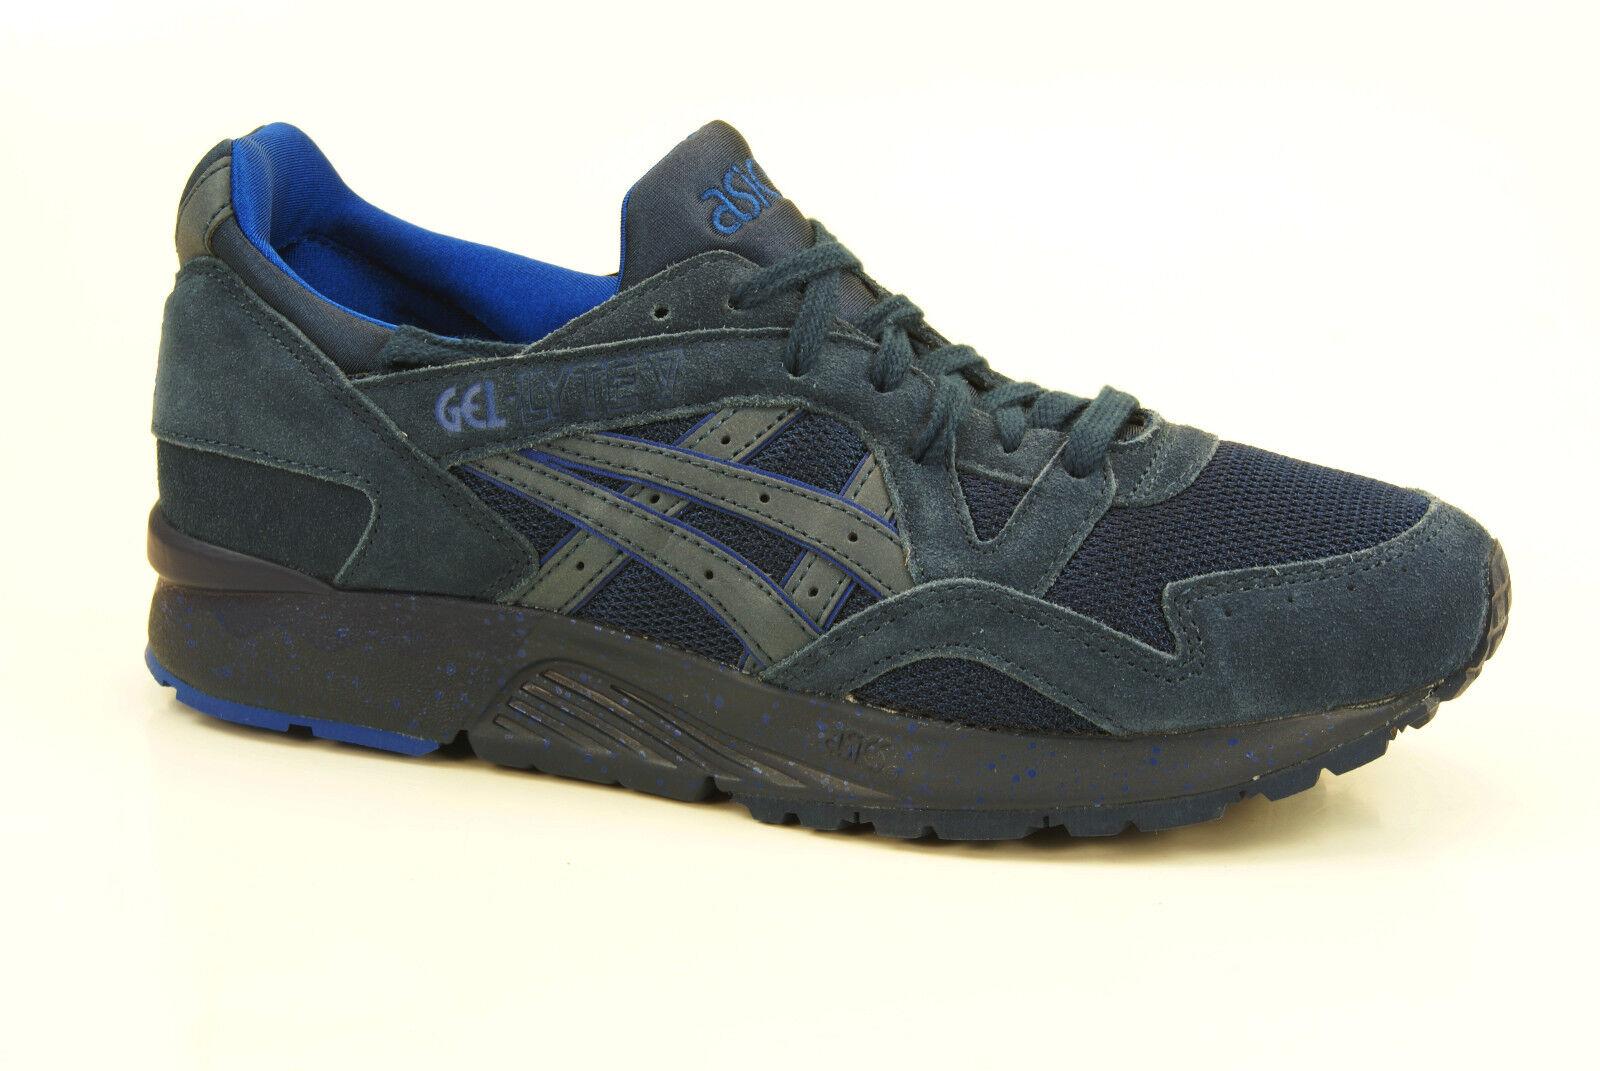 Asics Gel-Lyte V 5 Turnschuhe Sneakers Sportschuhe Herren Schuhe H5R2N-5050